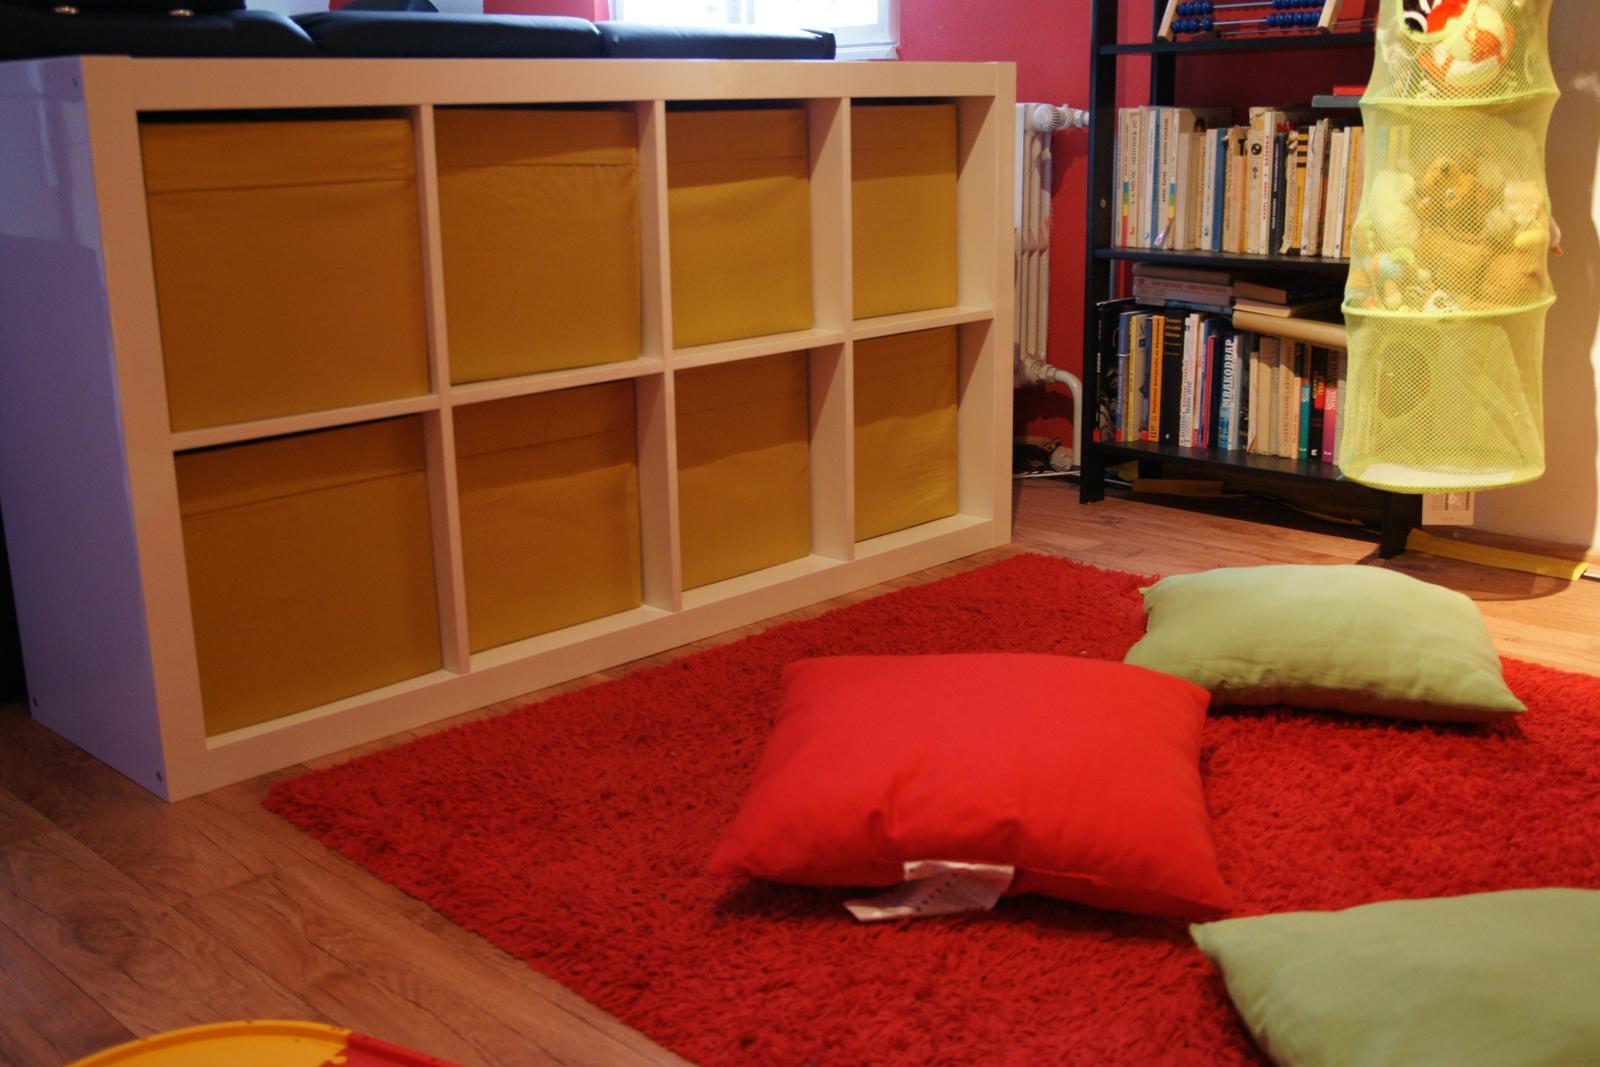 Náš  byteček - na hračky a můžu vřele doporučit jsem maximálně spokojená